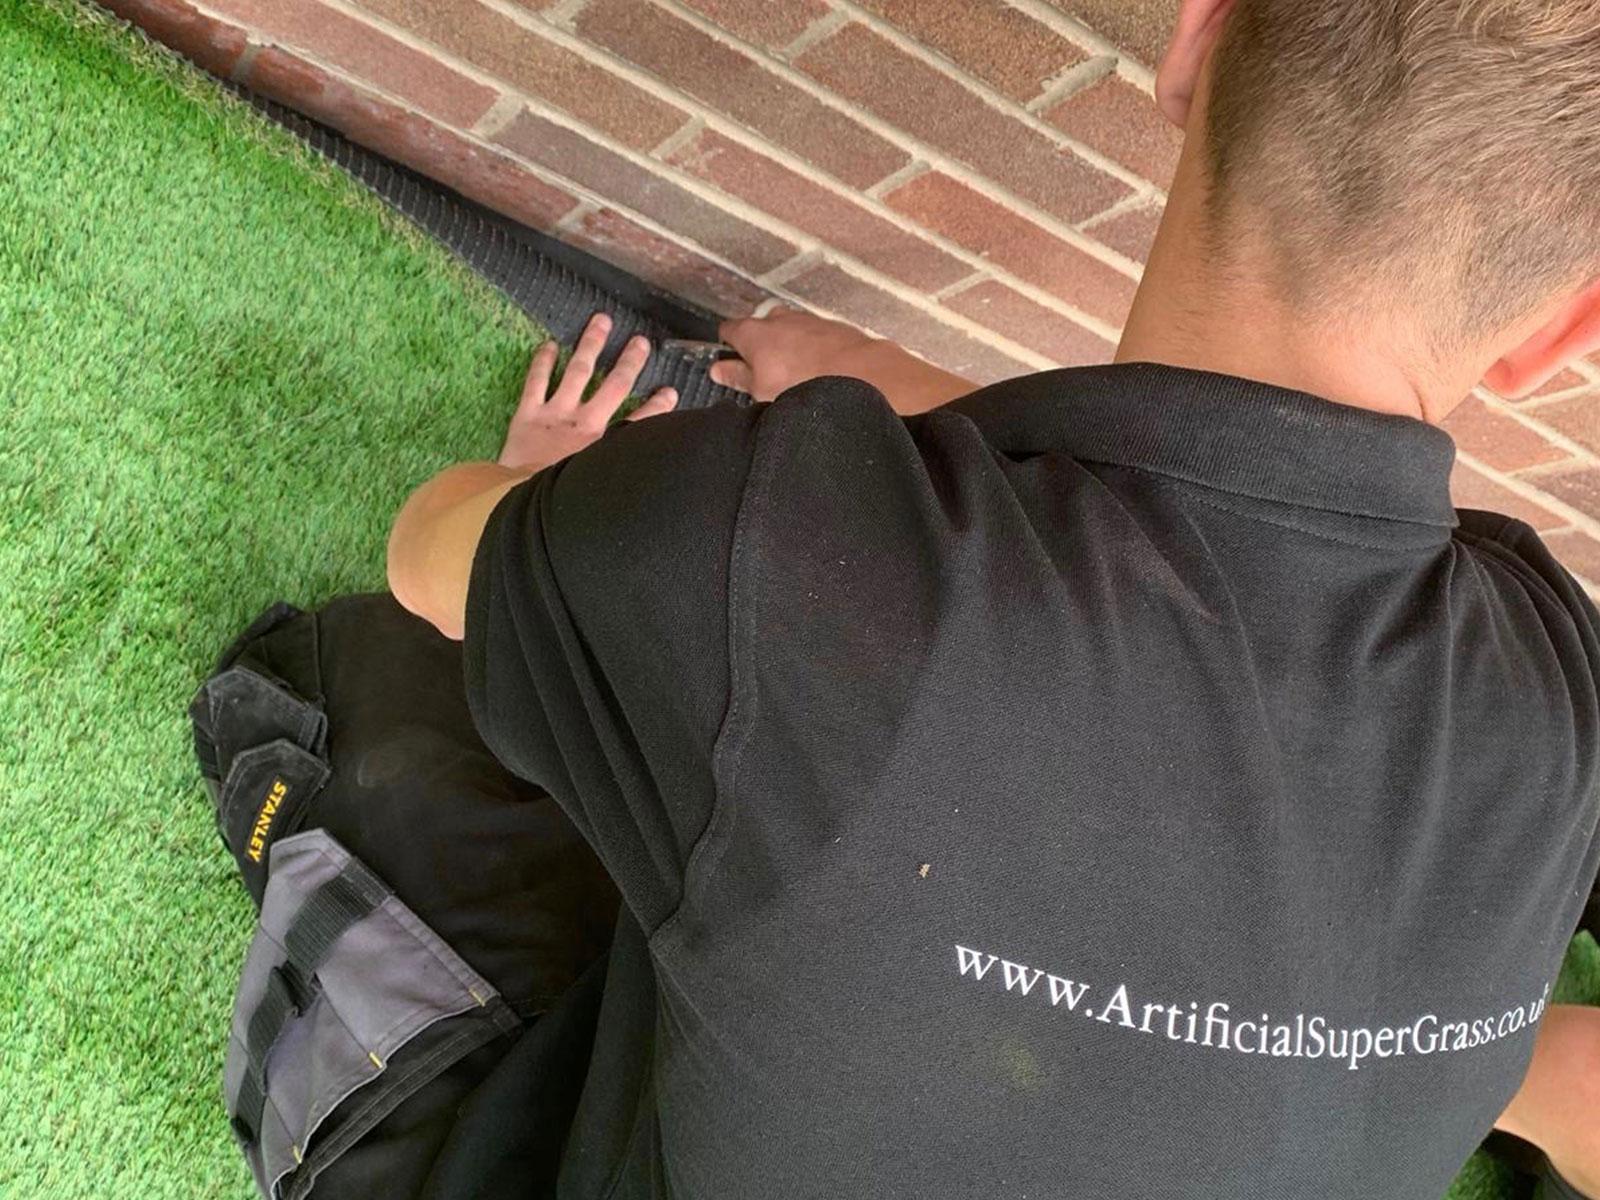 Laying Artificial Grass Durham Artificial Super Grass